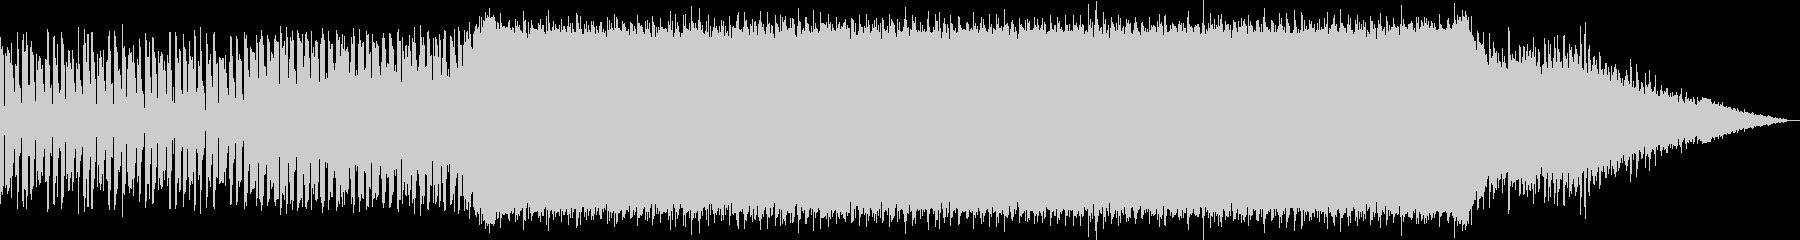 始まりを予感させるエレクトロミュージックの未再生の波形